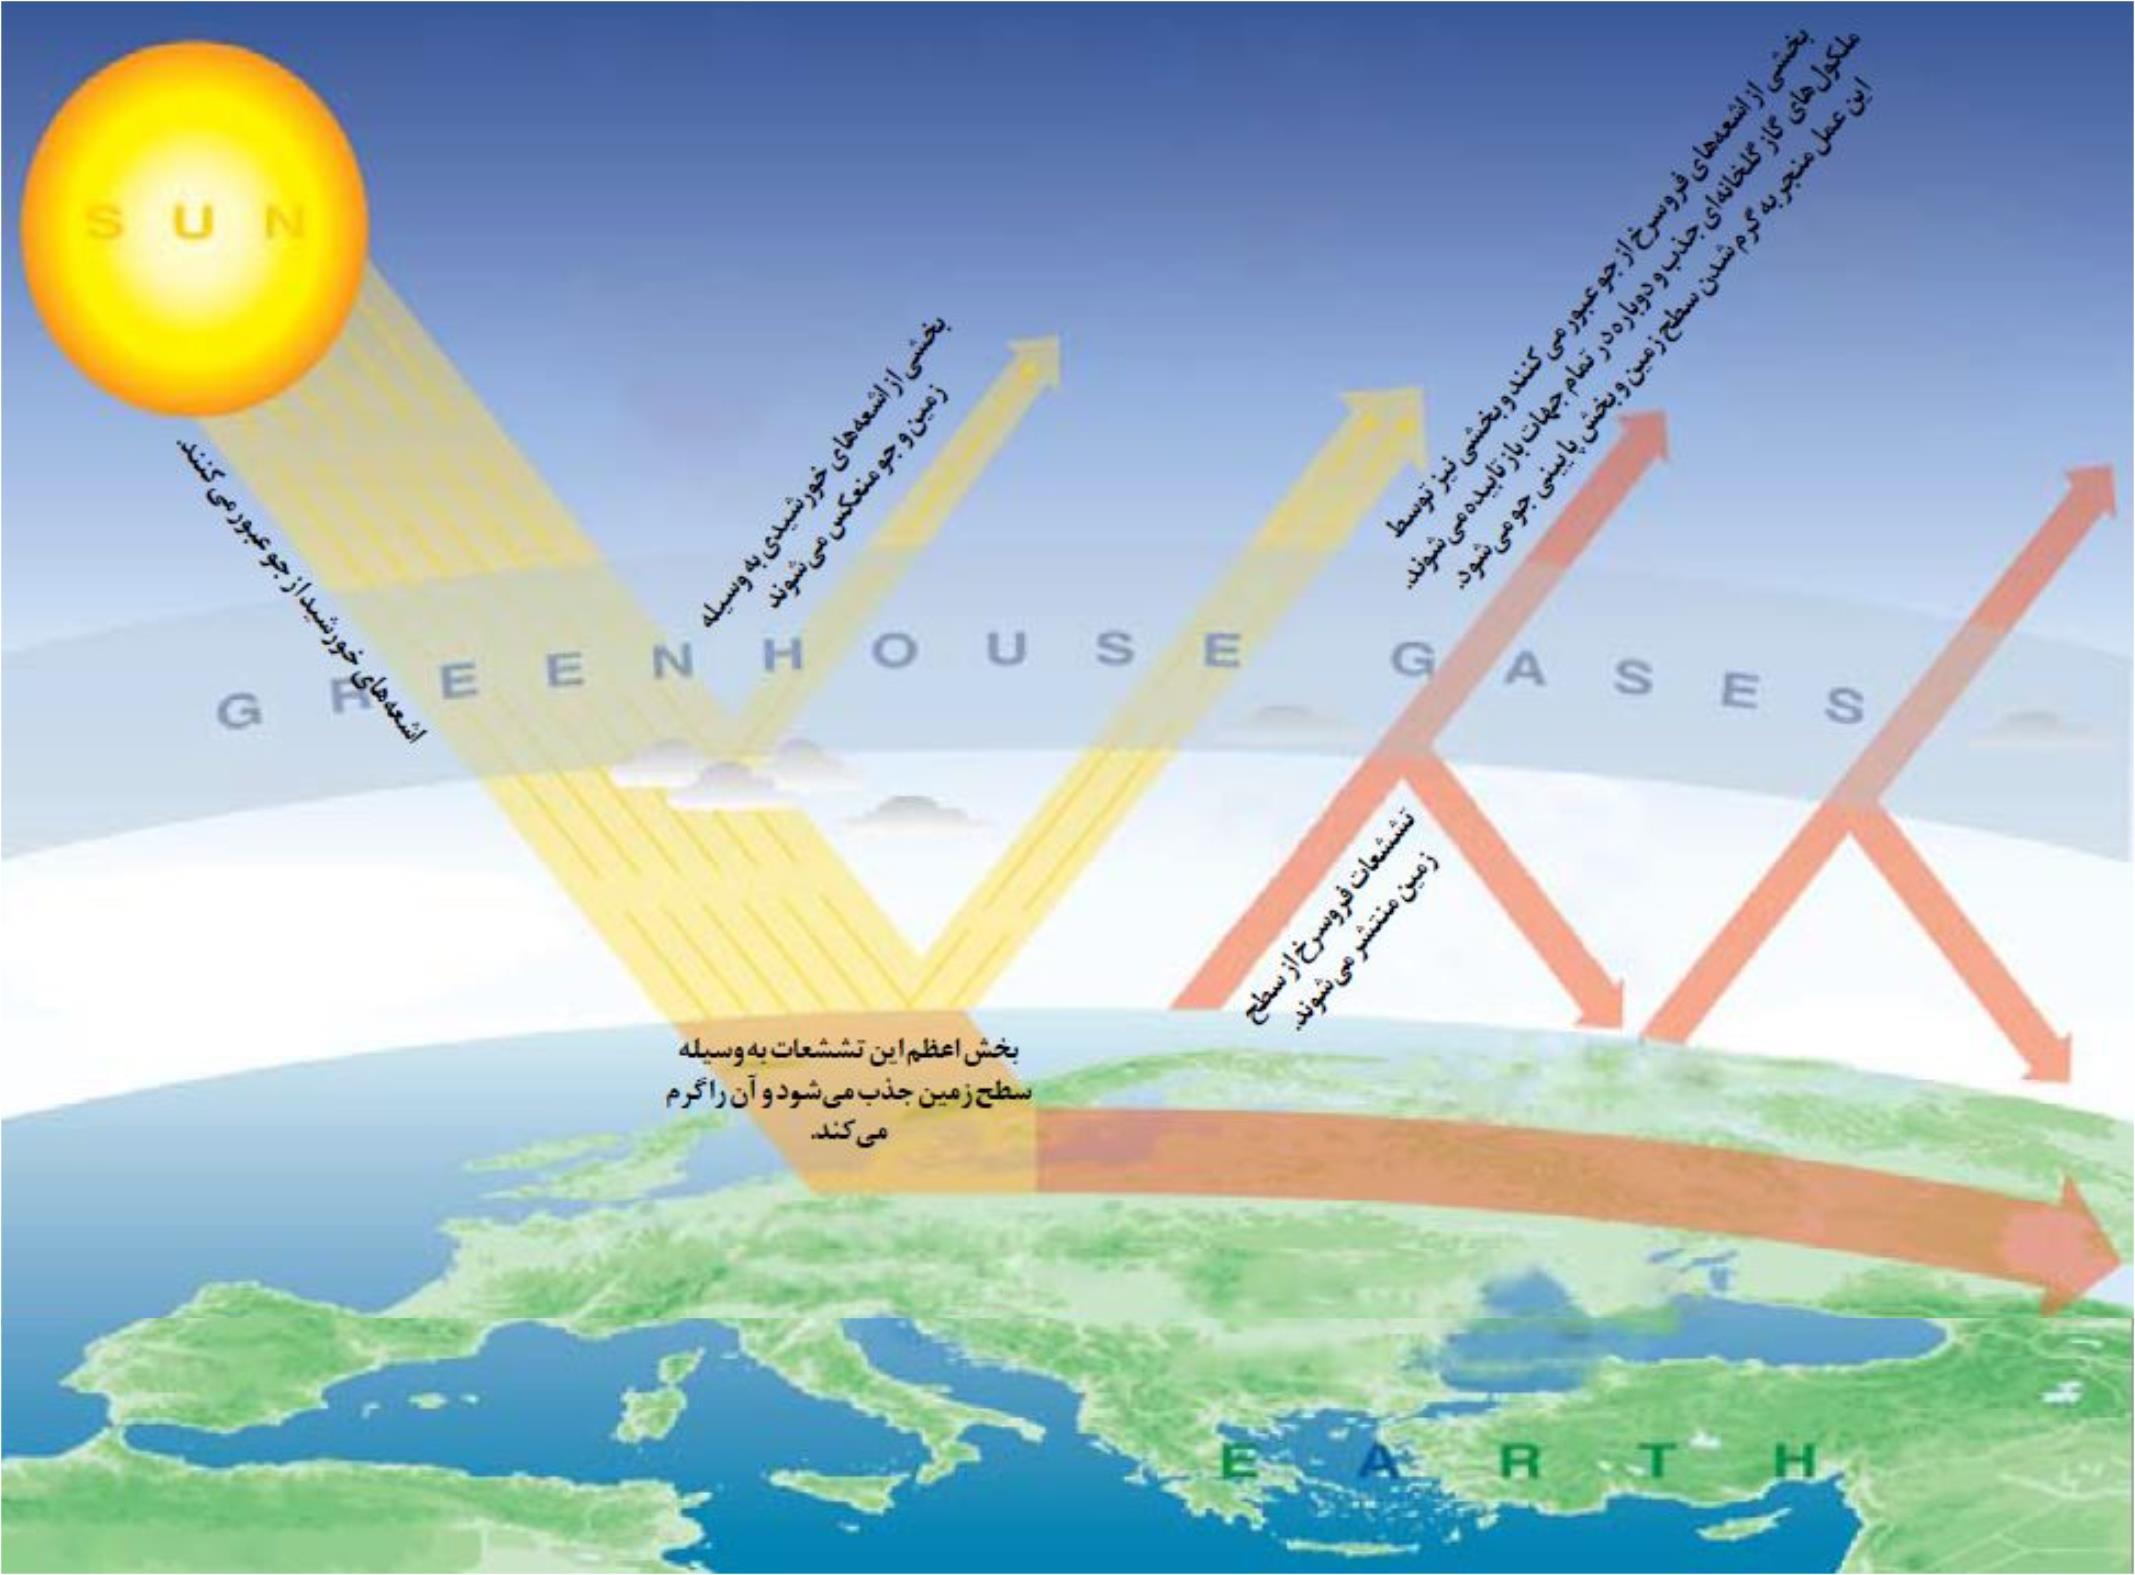 عوامل موثر بر پارامترهای اقلیمی